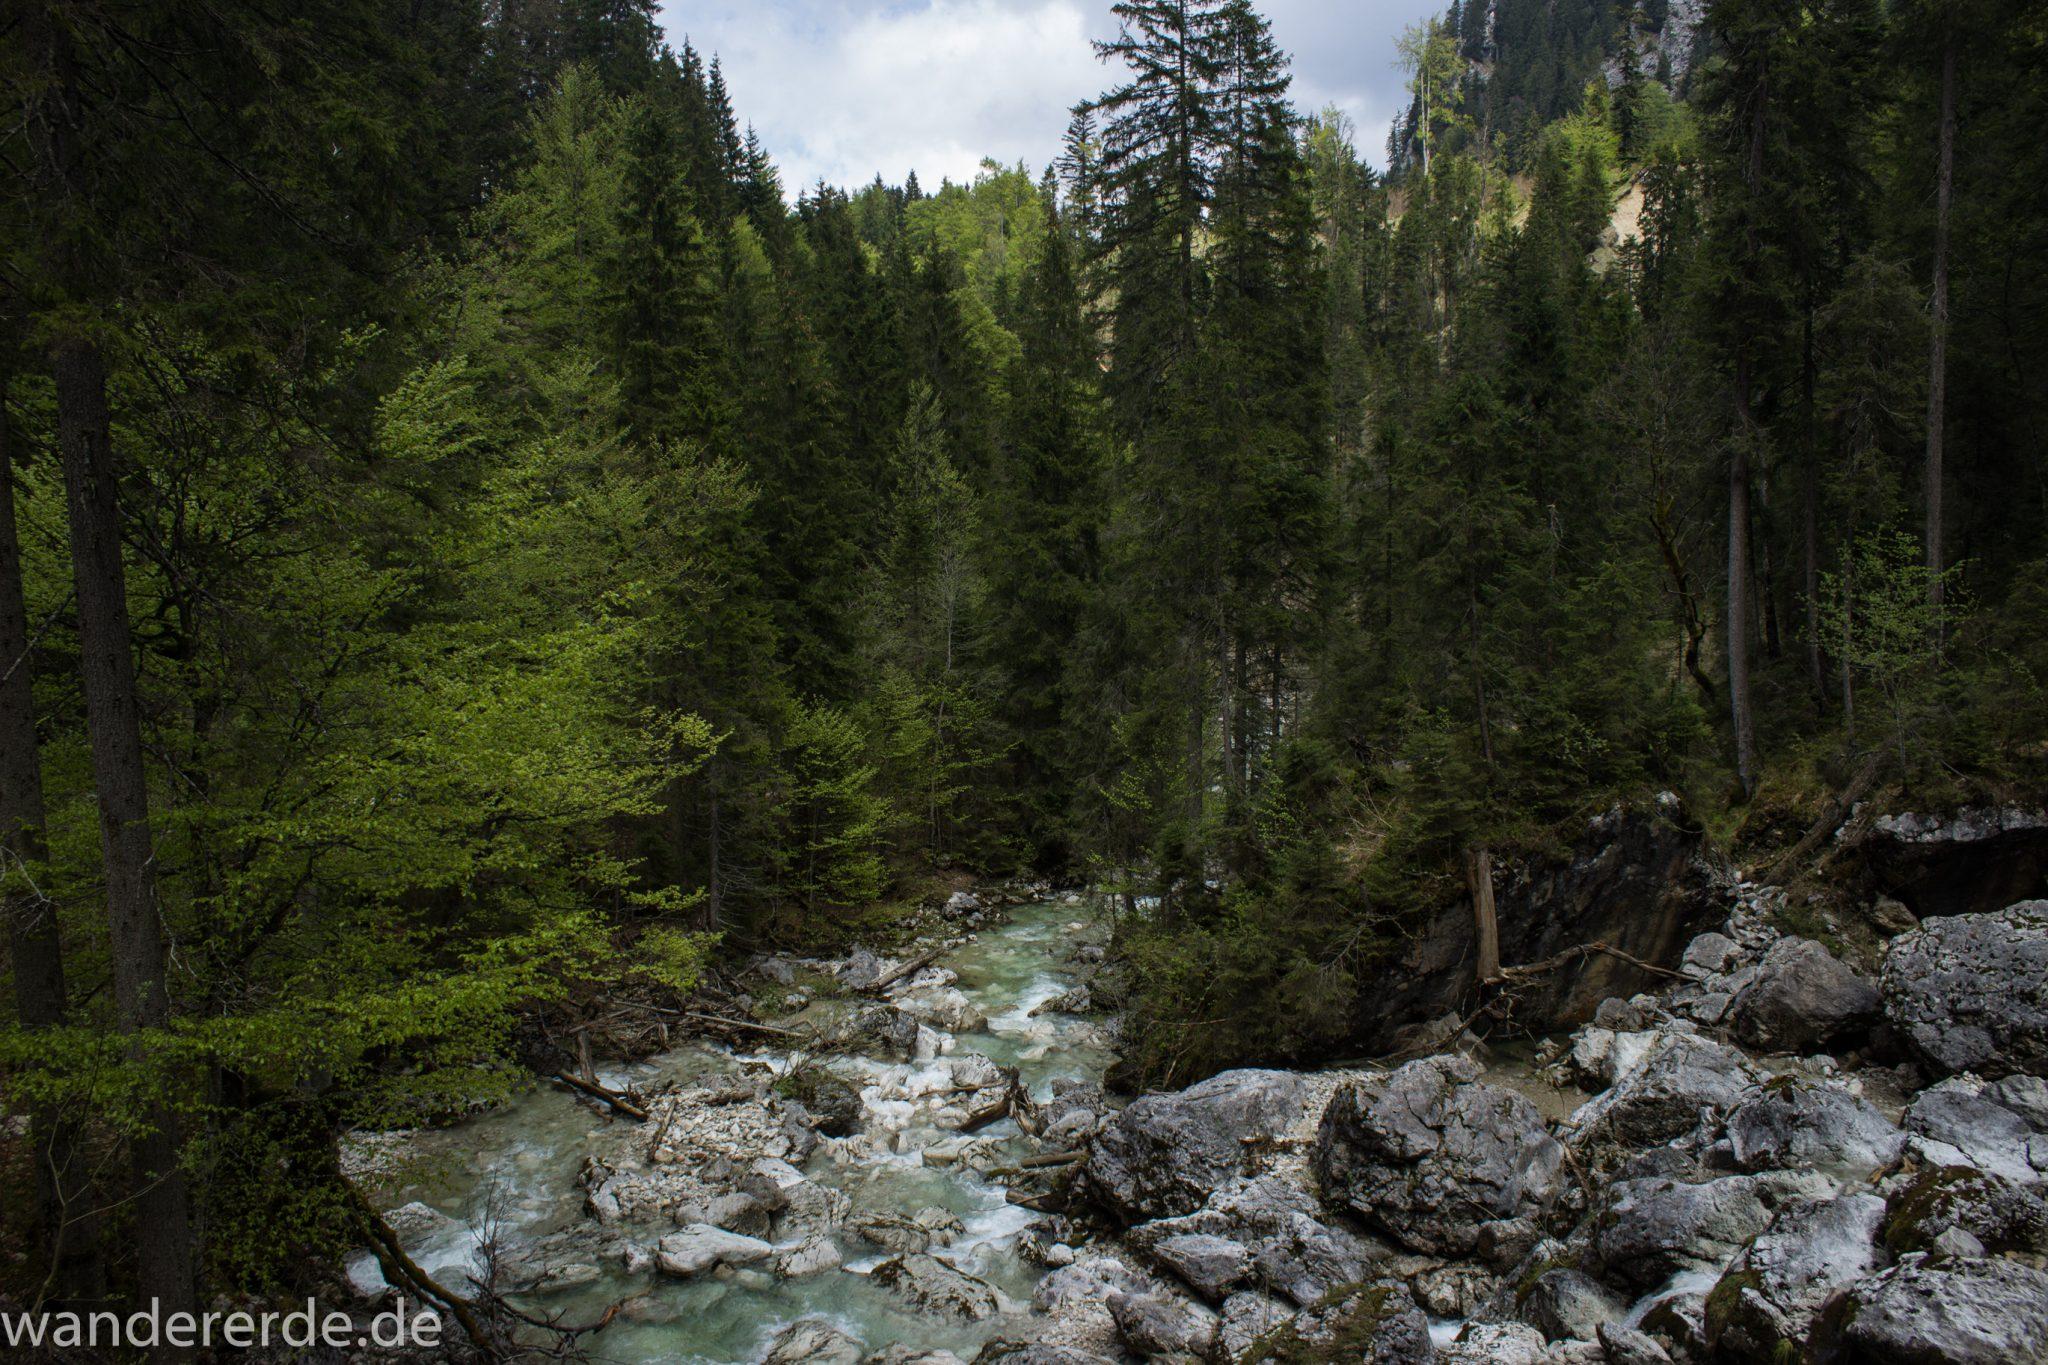 Wanderung zur Kenzenhütte in den Ammergauer Alpen, Gebirgsbach führt durch idyllischen Wald, Gehölz und Steine, Laubbaum, Nadelbaum, klares Wasser bahnt sich seinen Weg ins Tal